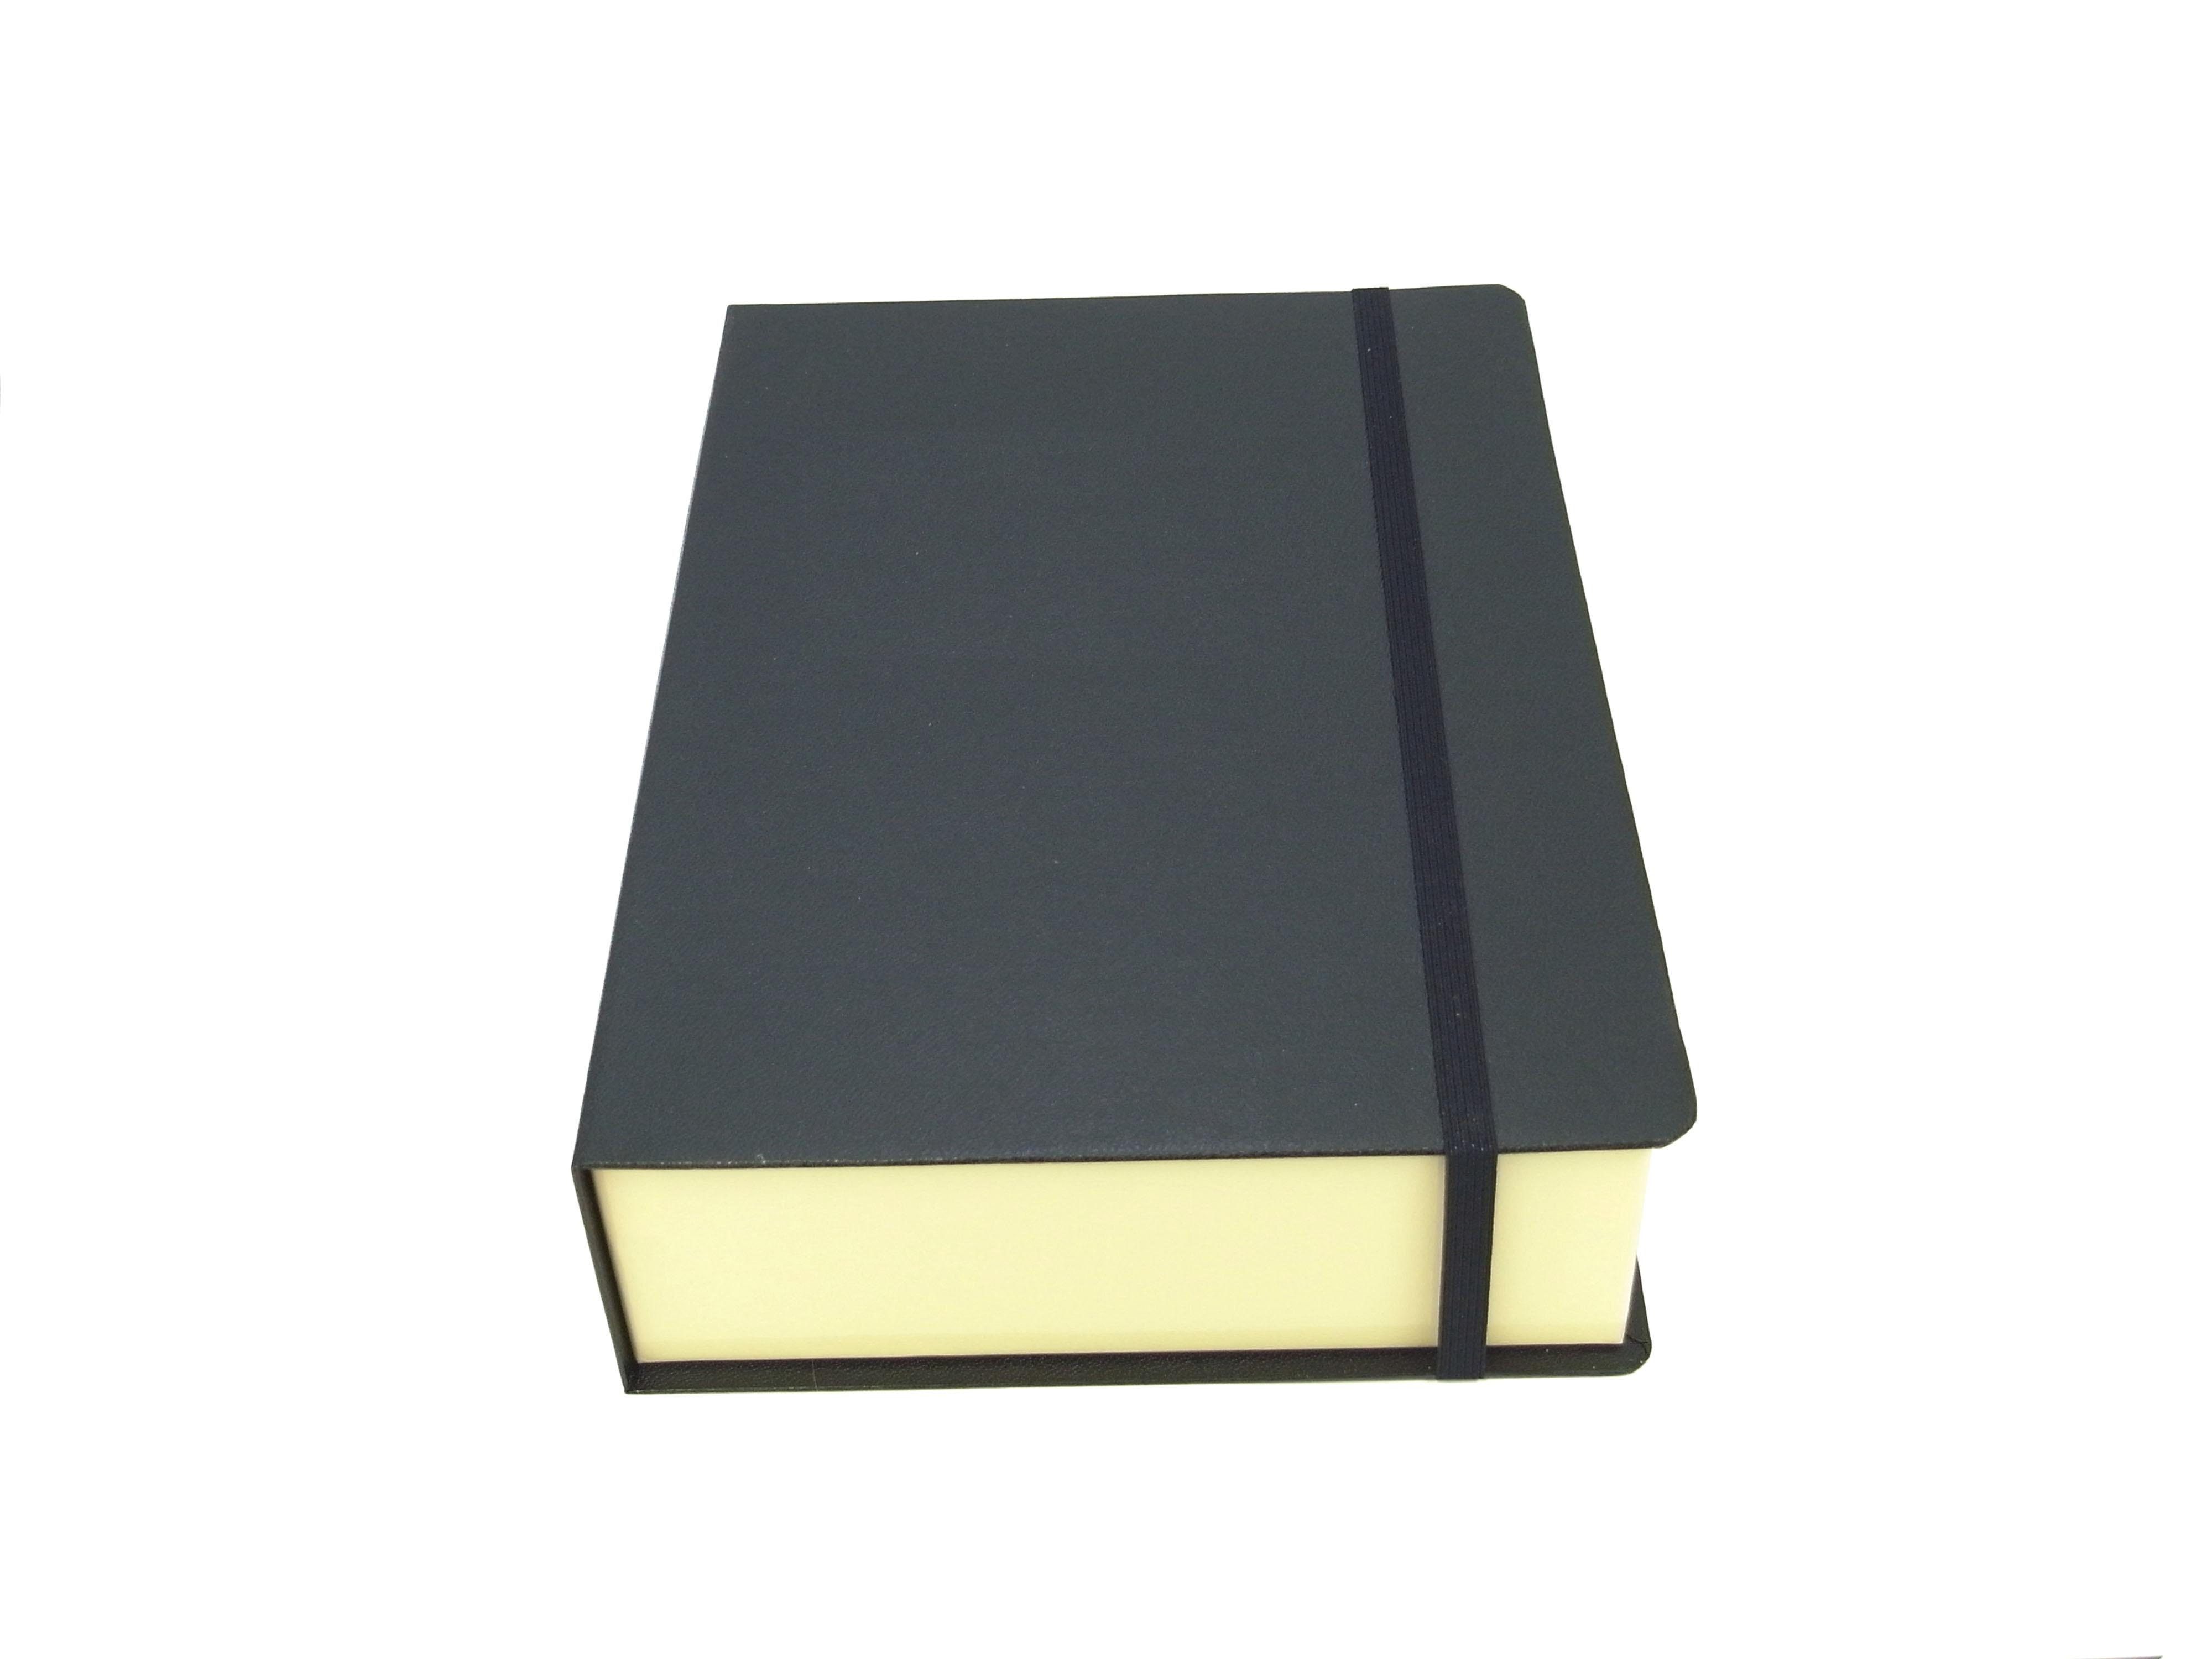 貼箱 BOOK式 ブック式 ゴムバンド 小物 雑貨